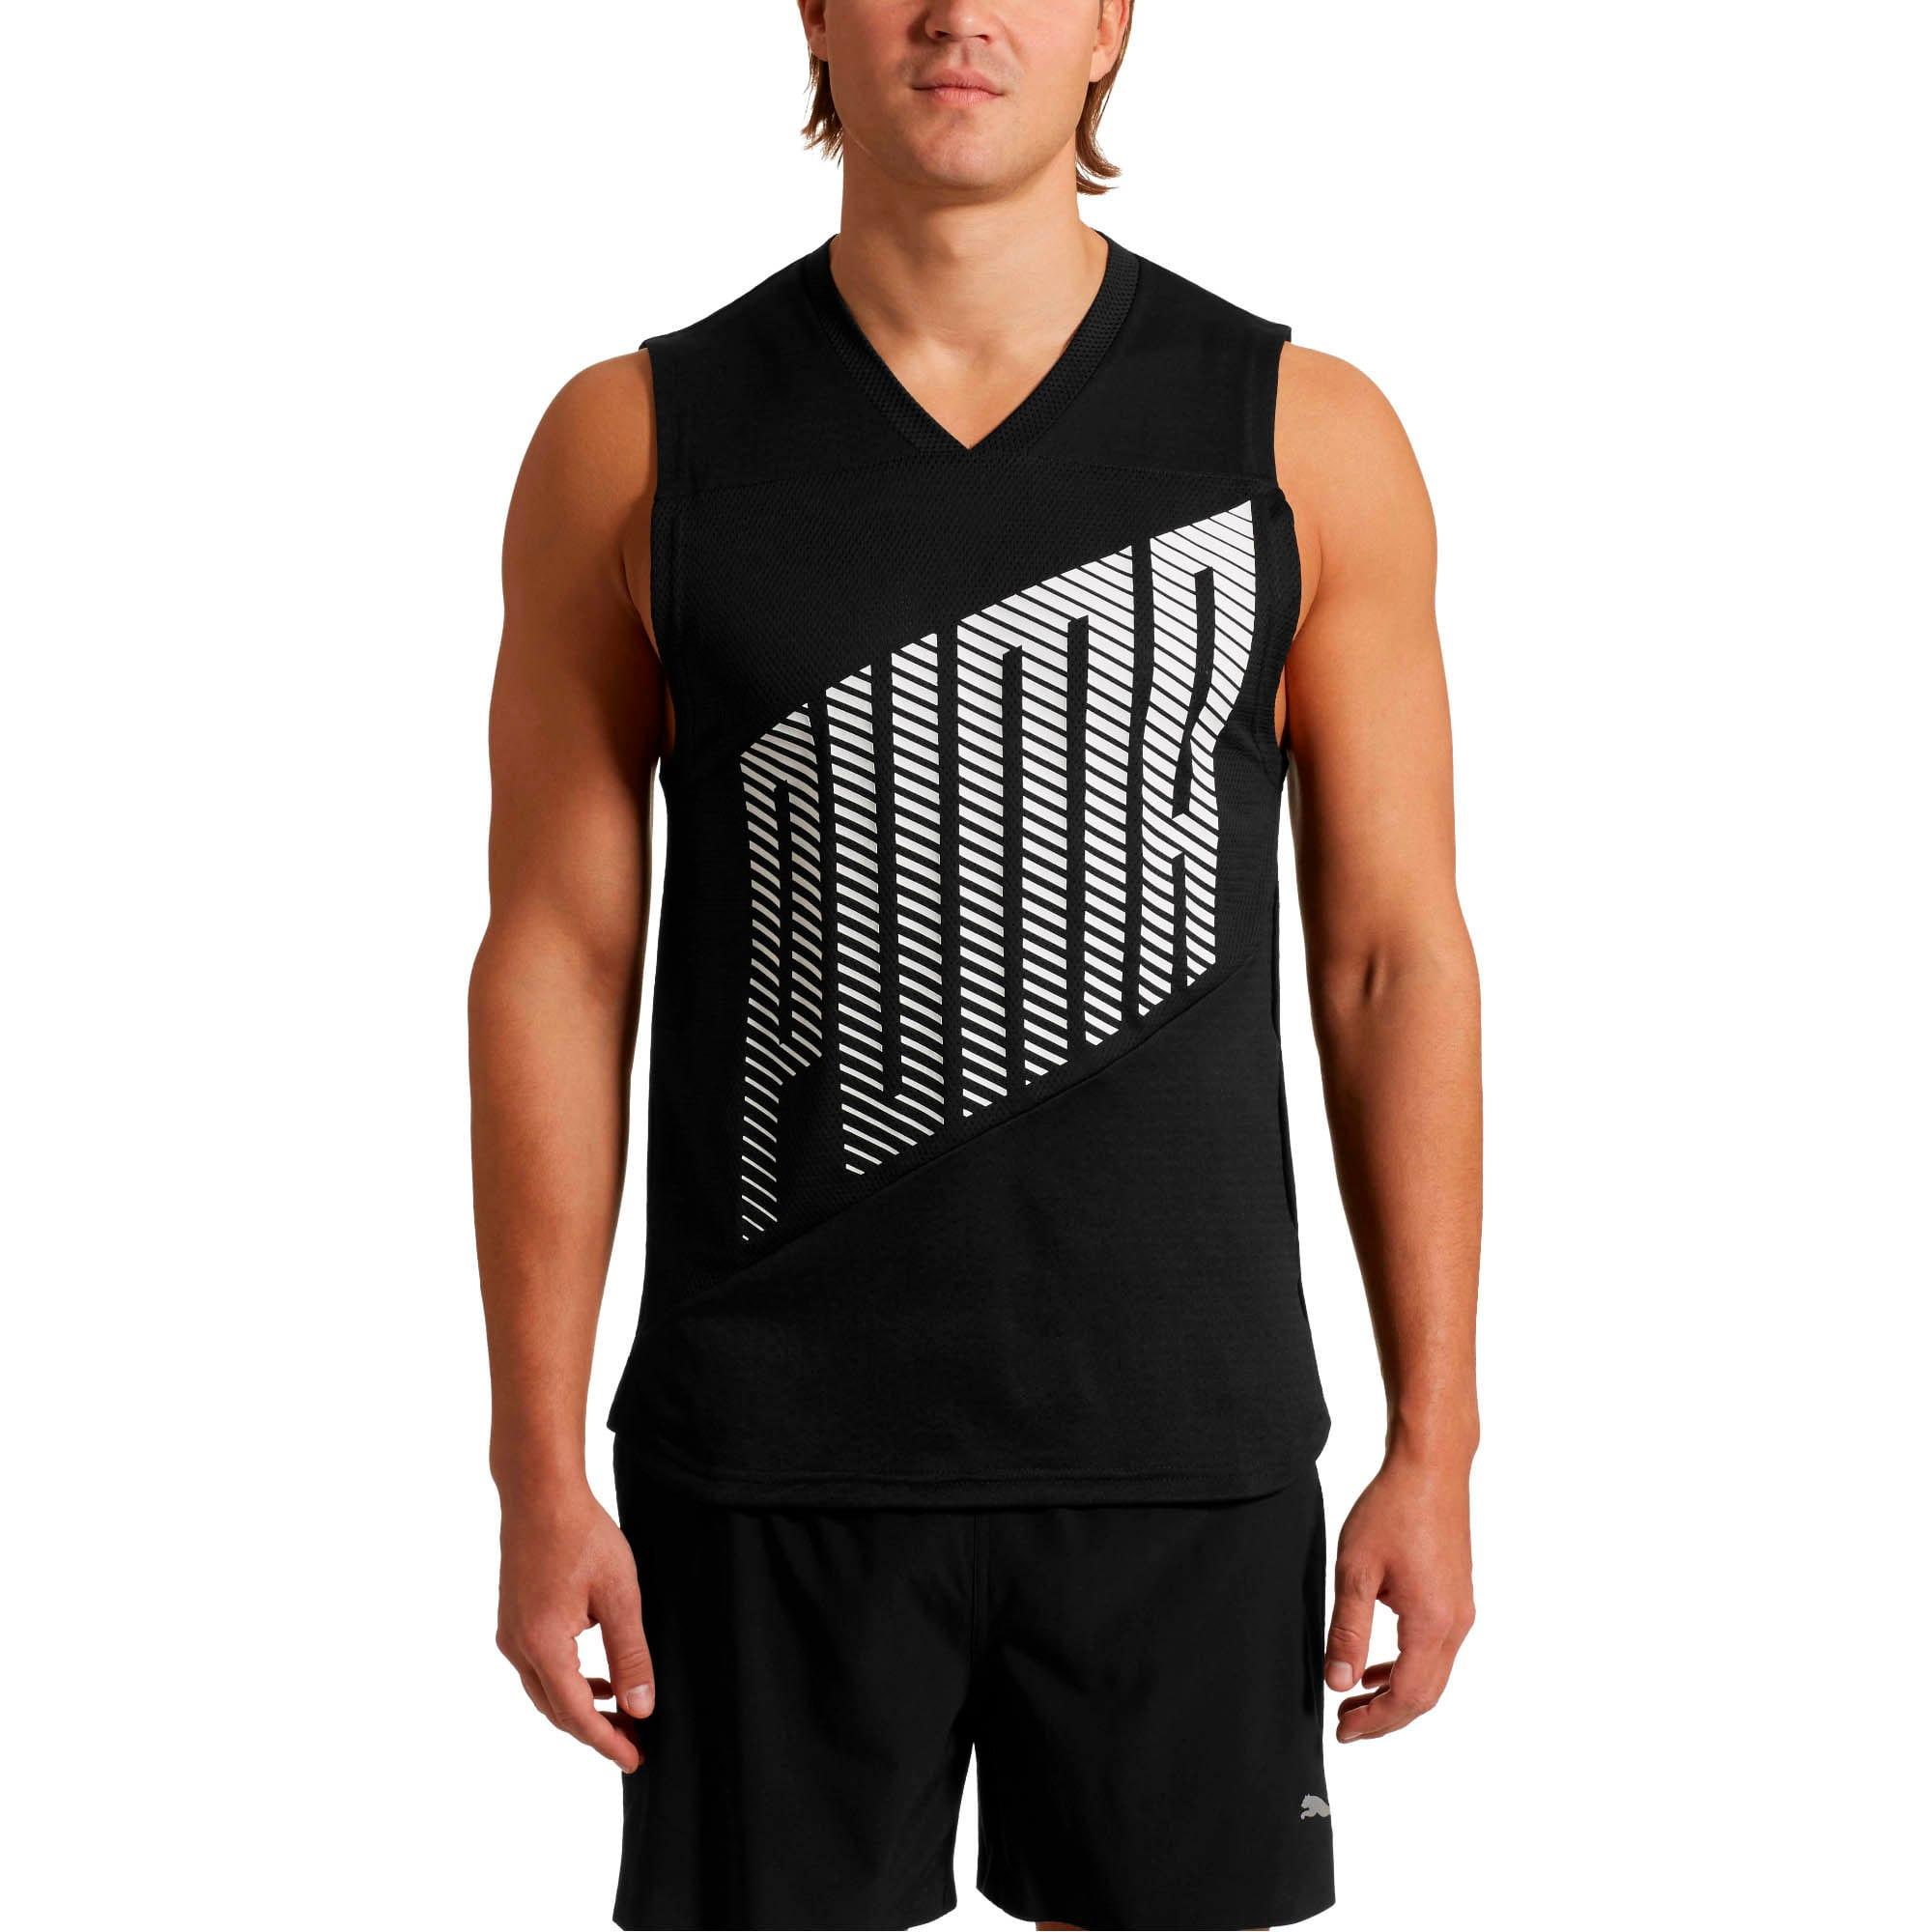 Miniatura 1 de Camiseta sin mangas A.C.E. para hombre, Puma Black, mediano